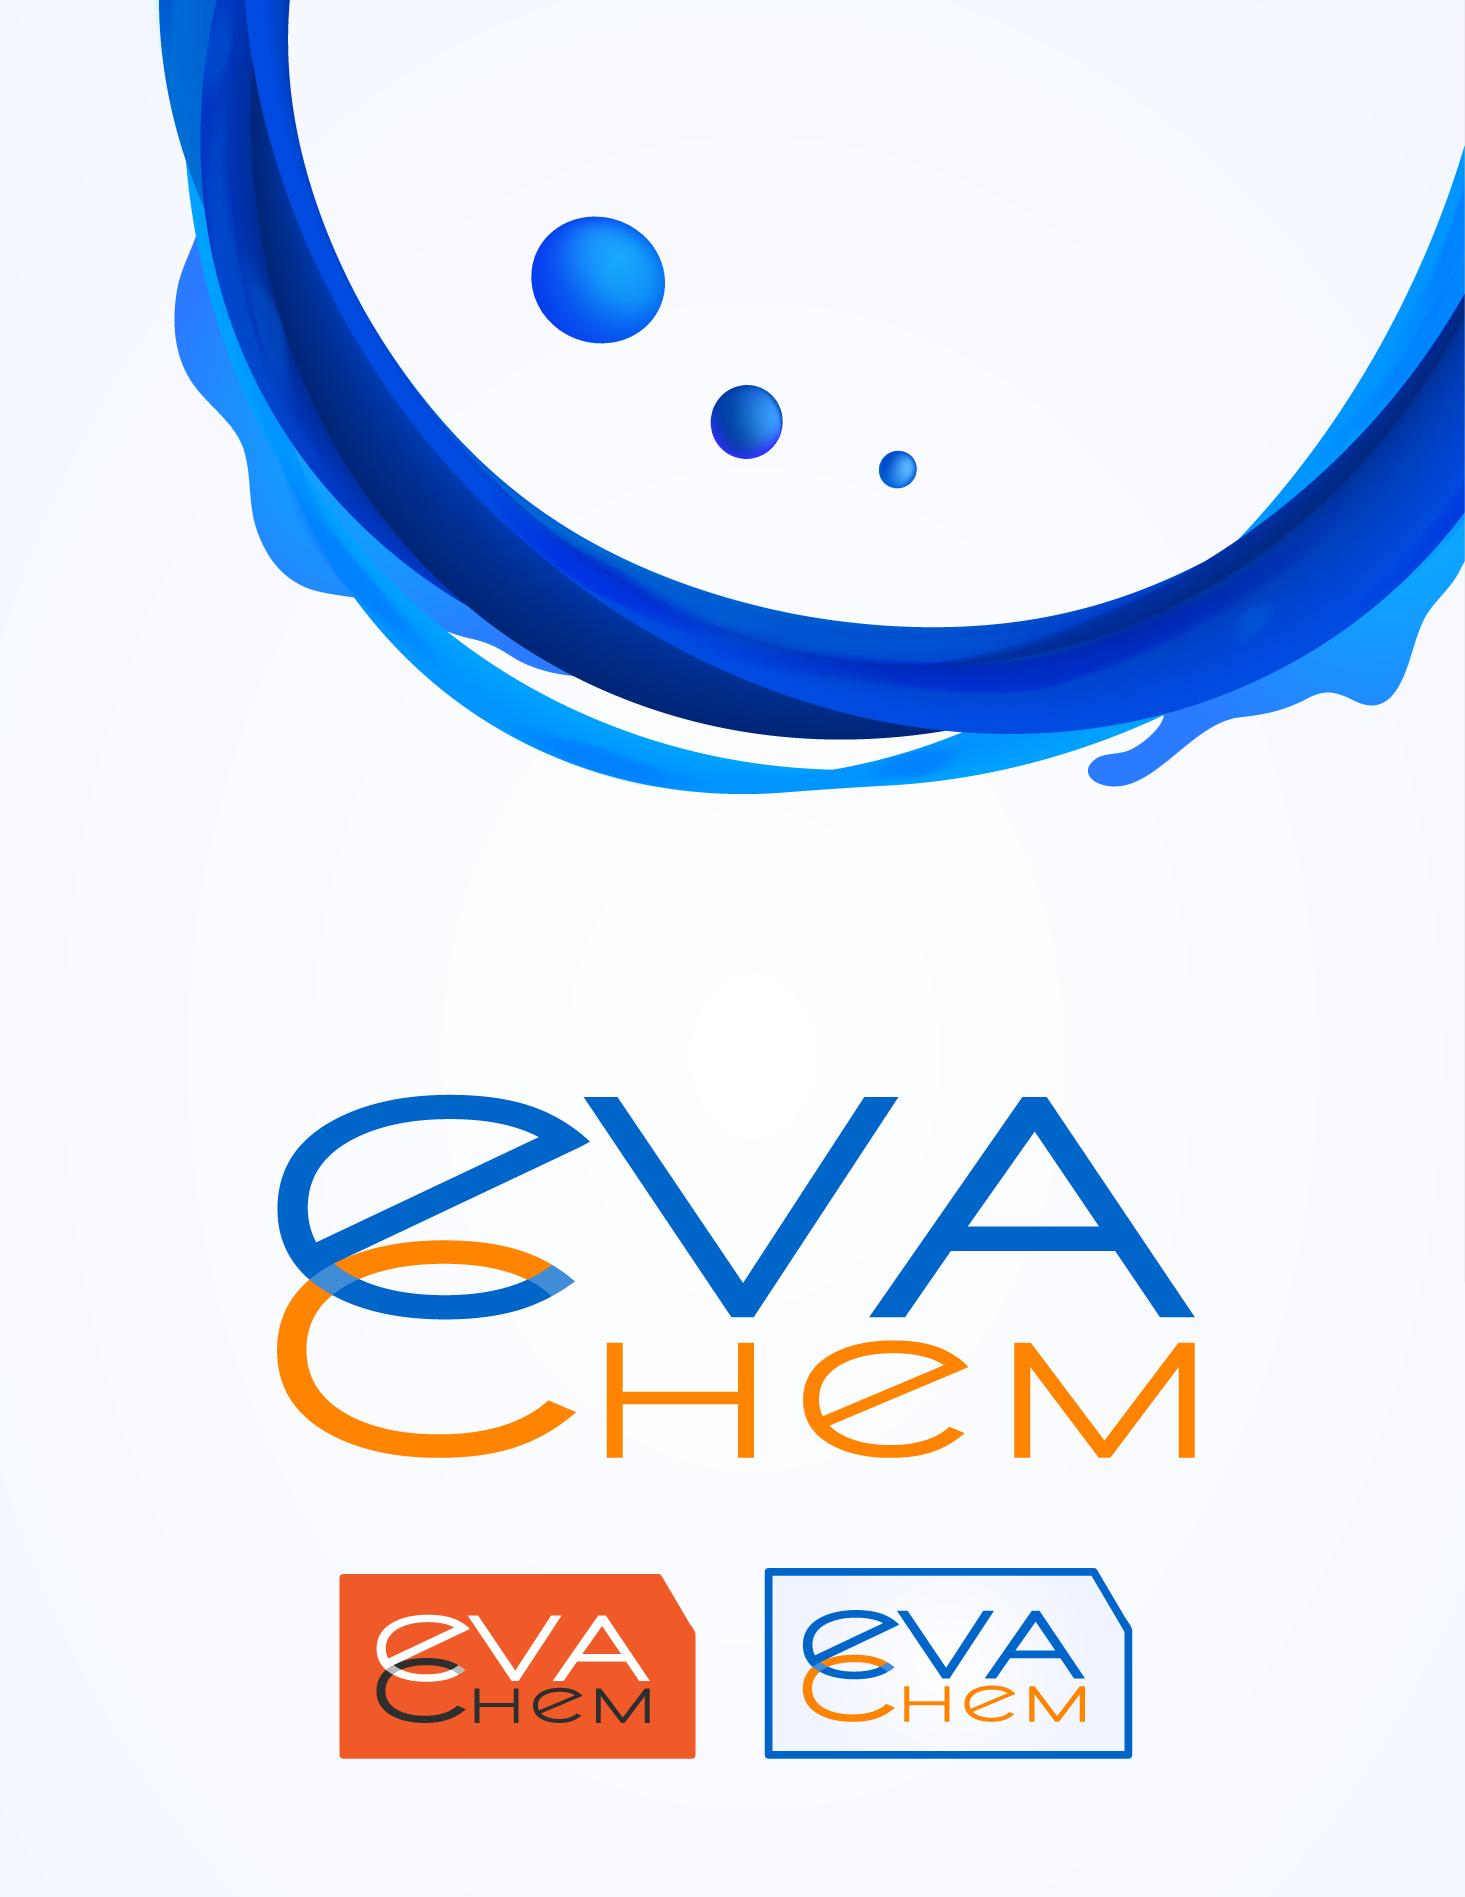 Разработка логотипа и фирменного стиля компании фото f_825572a4ce5b1a89.jpg